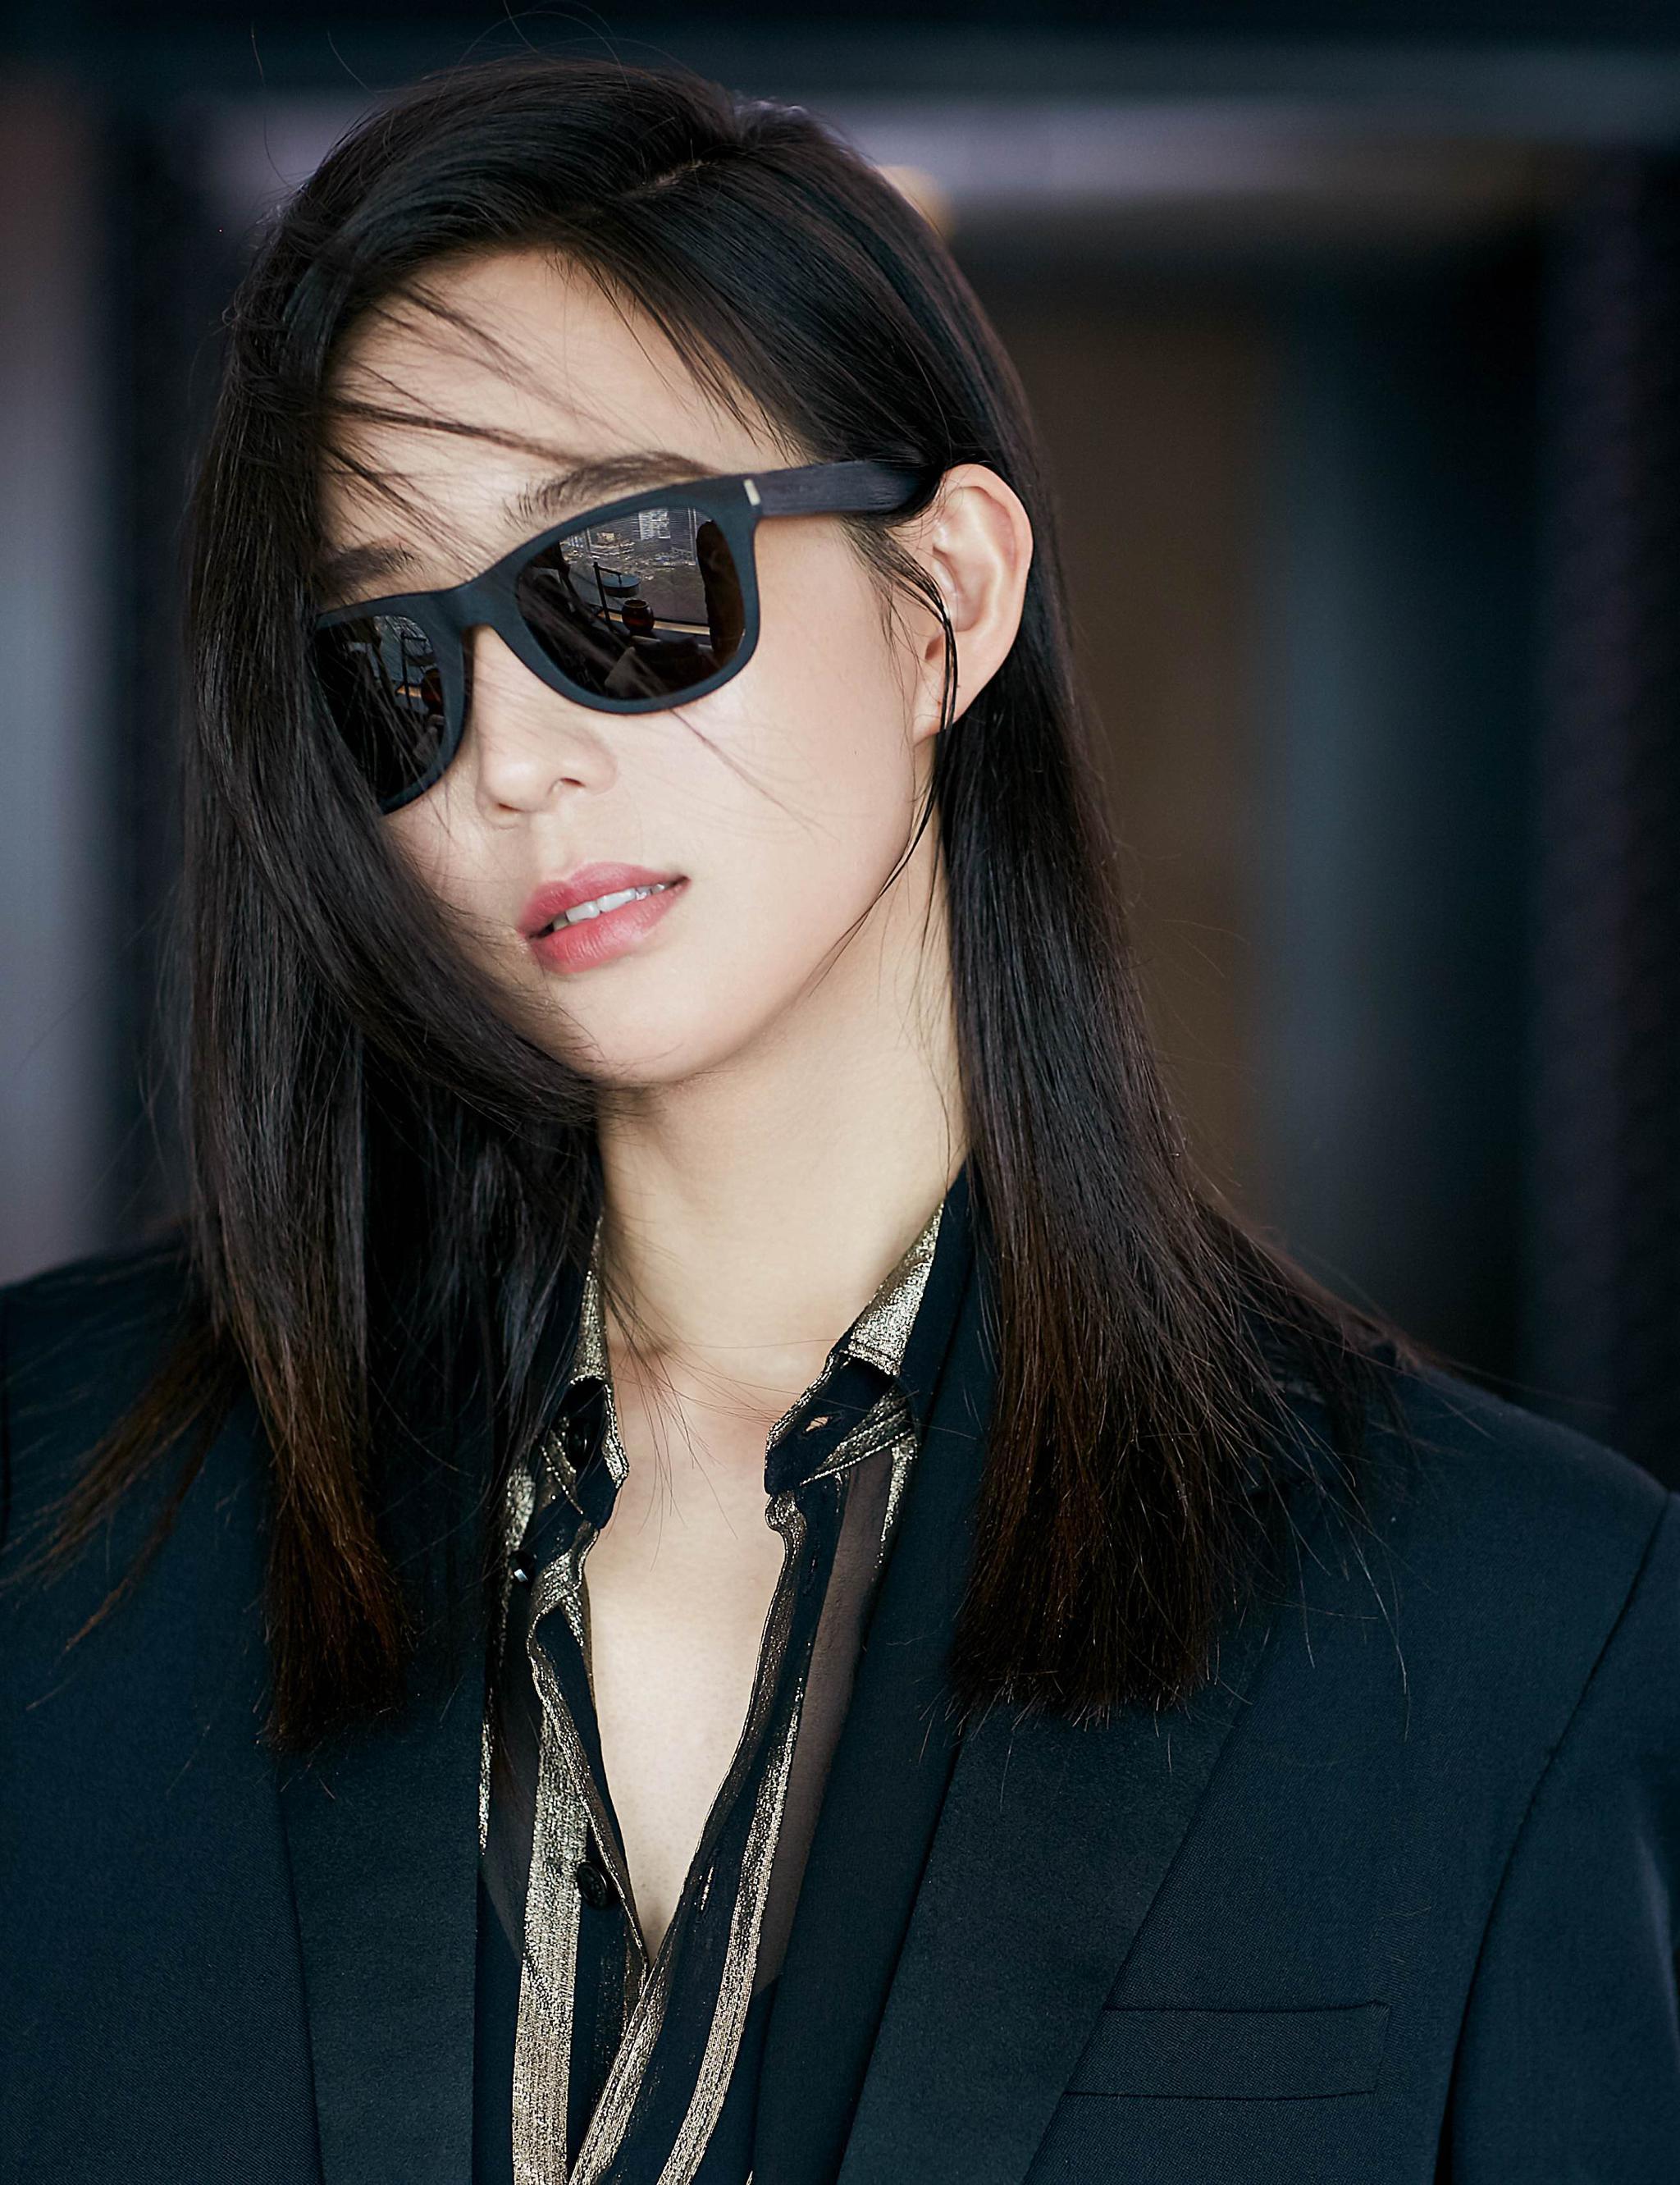 @張鈞甯 初秋新图,黑色西装内搭条纹衬衫